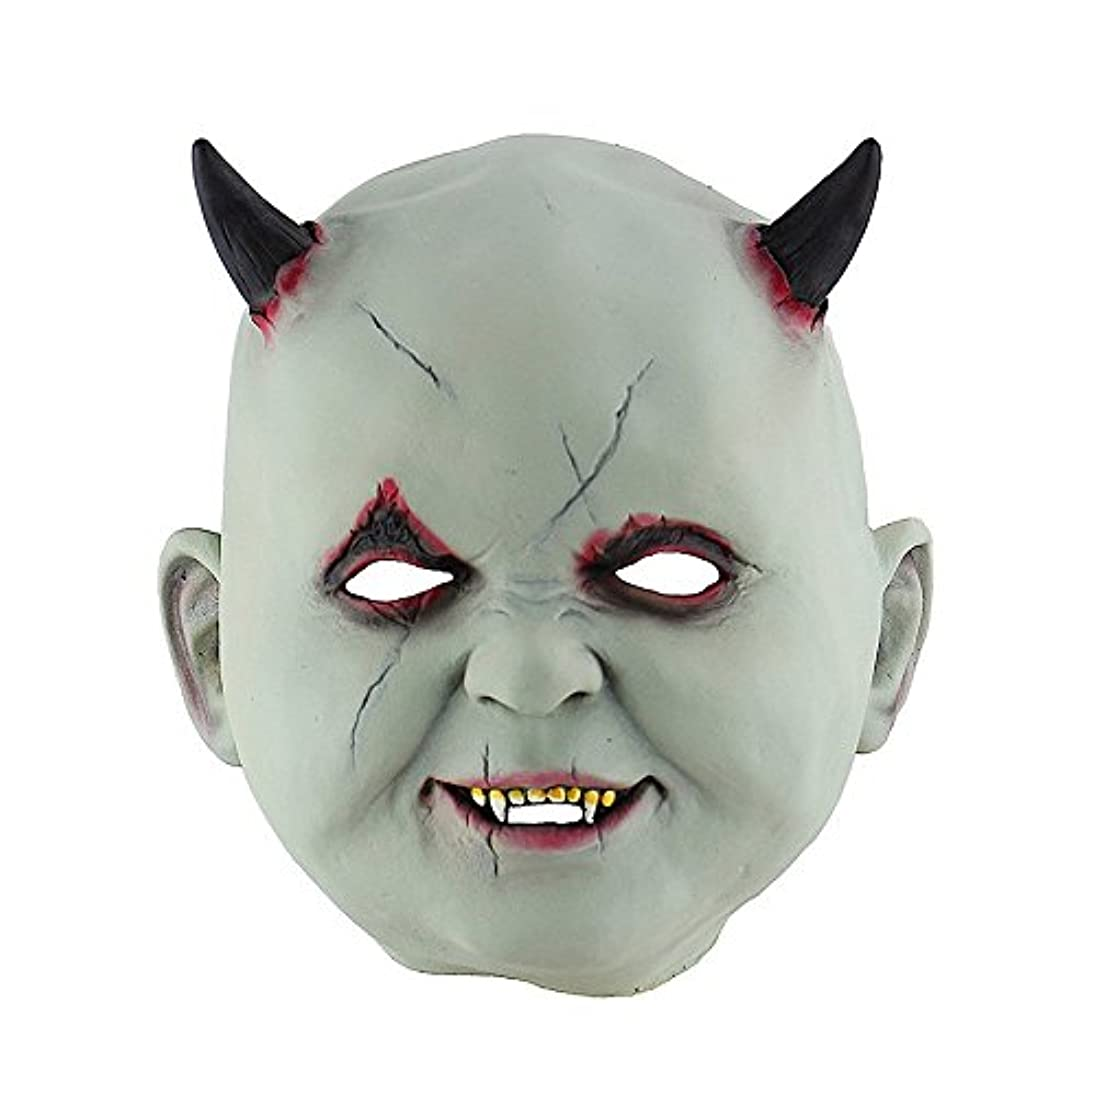 ほとんどの場合繰り返し円周ハロウィンマスクホラーゾンビお化け屋敷は小道具のヘッドギア悪魔ヴァンパイアマスクをドレスアップ